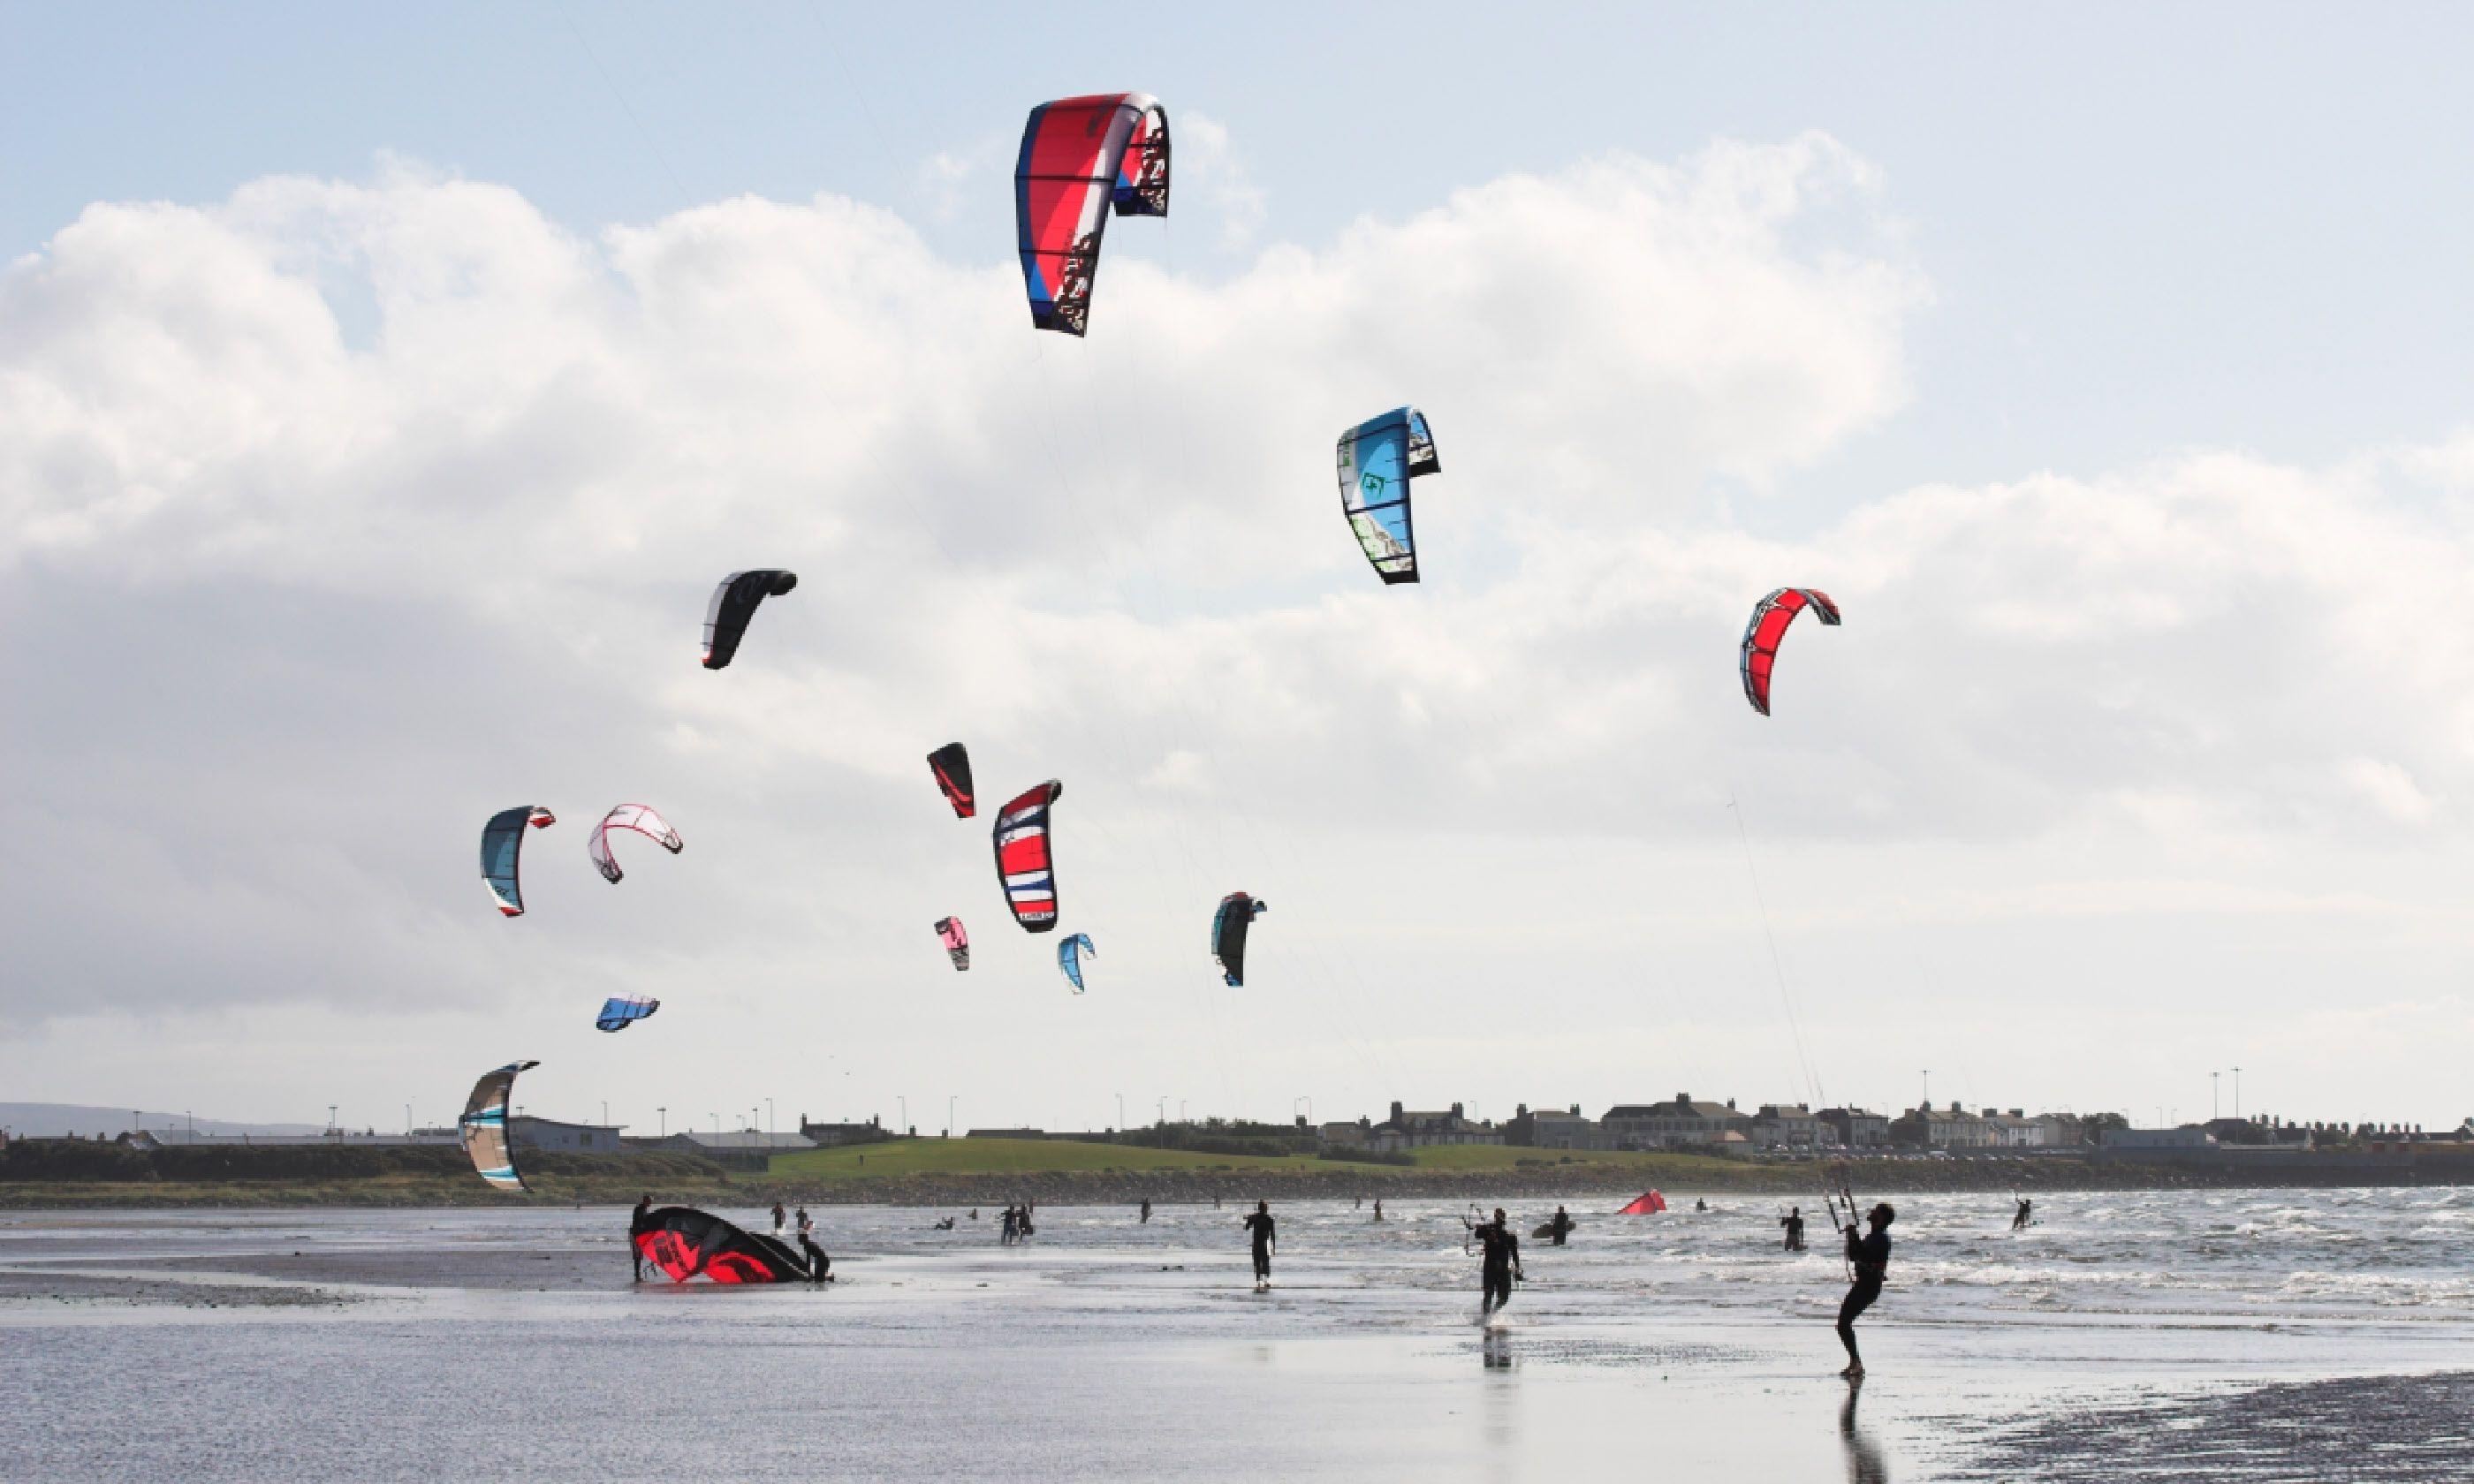 Kite surfing in Scotland (Shutterstock)